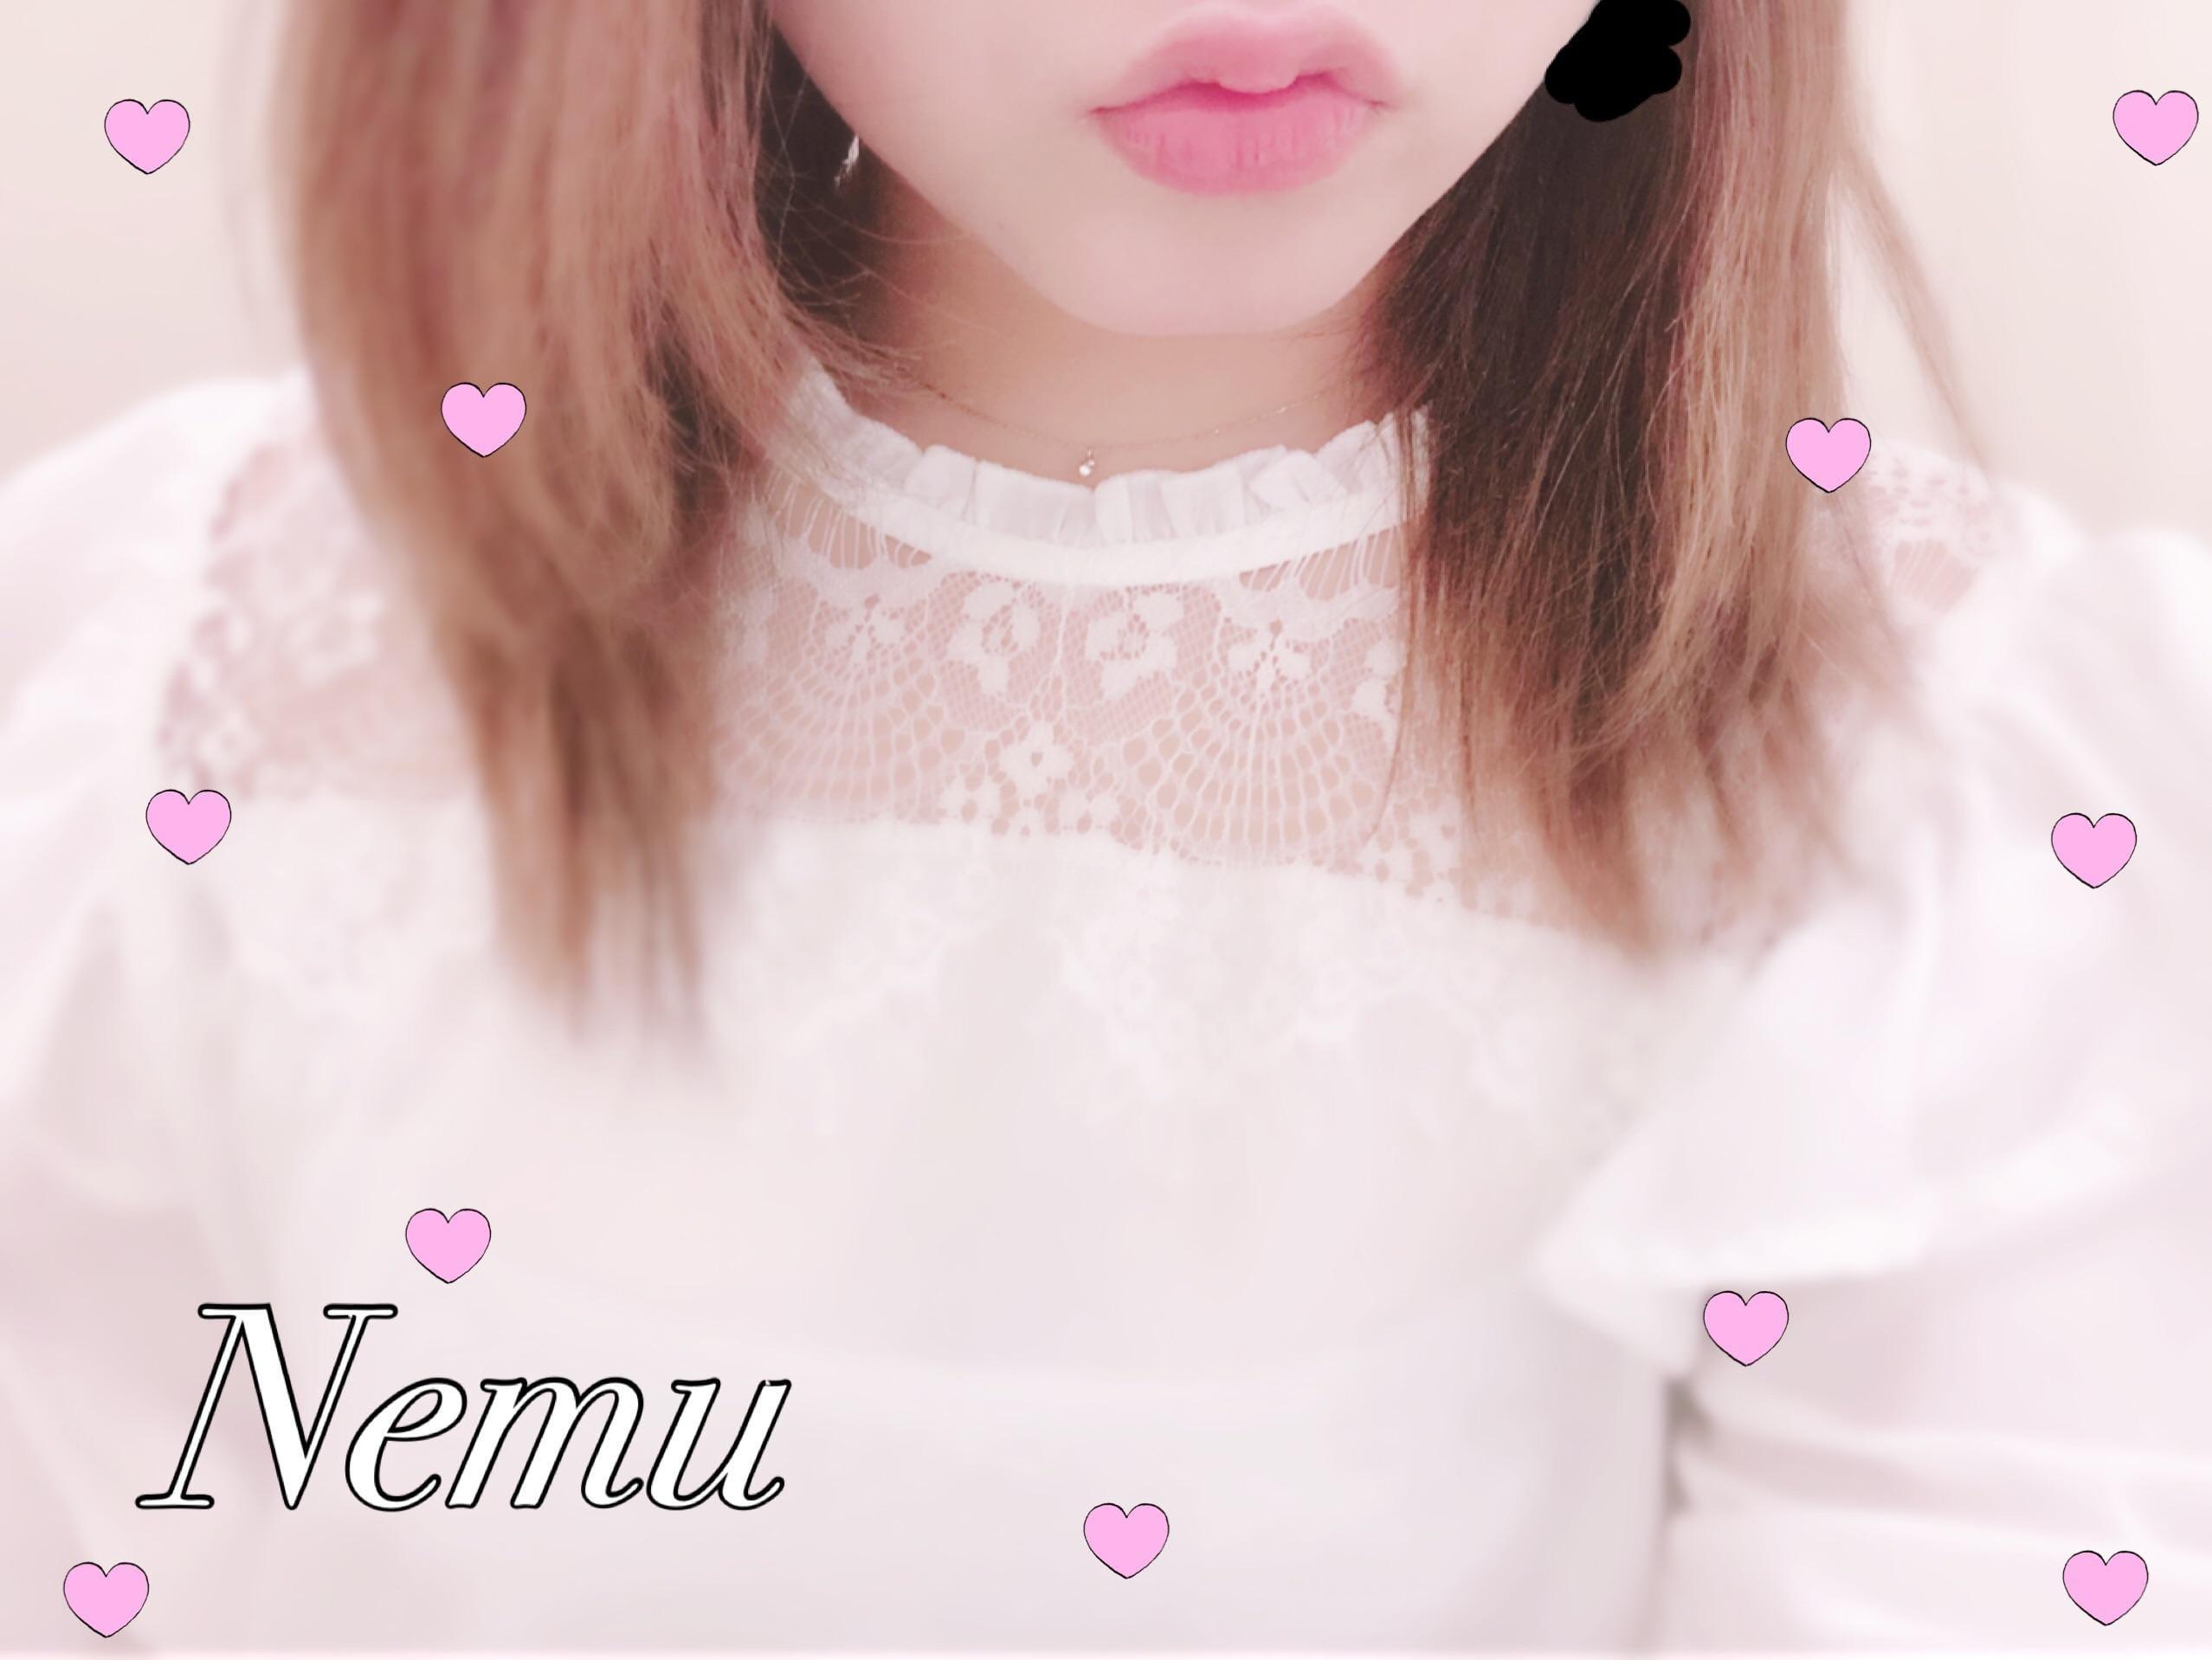 「ちぴへーちゃん♡」06/15(06/15) 19:49 | ねむちゃんの写メ・風俗動画